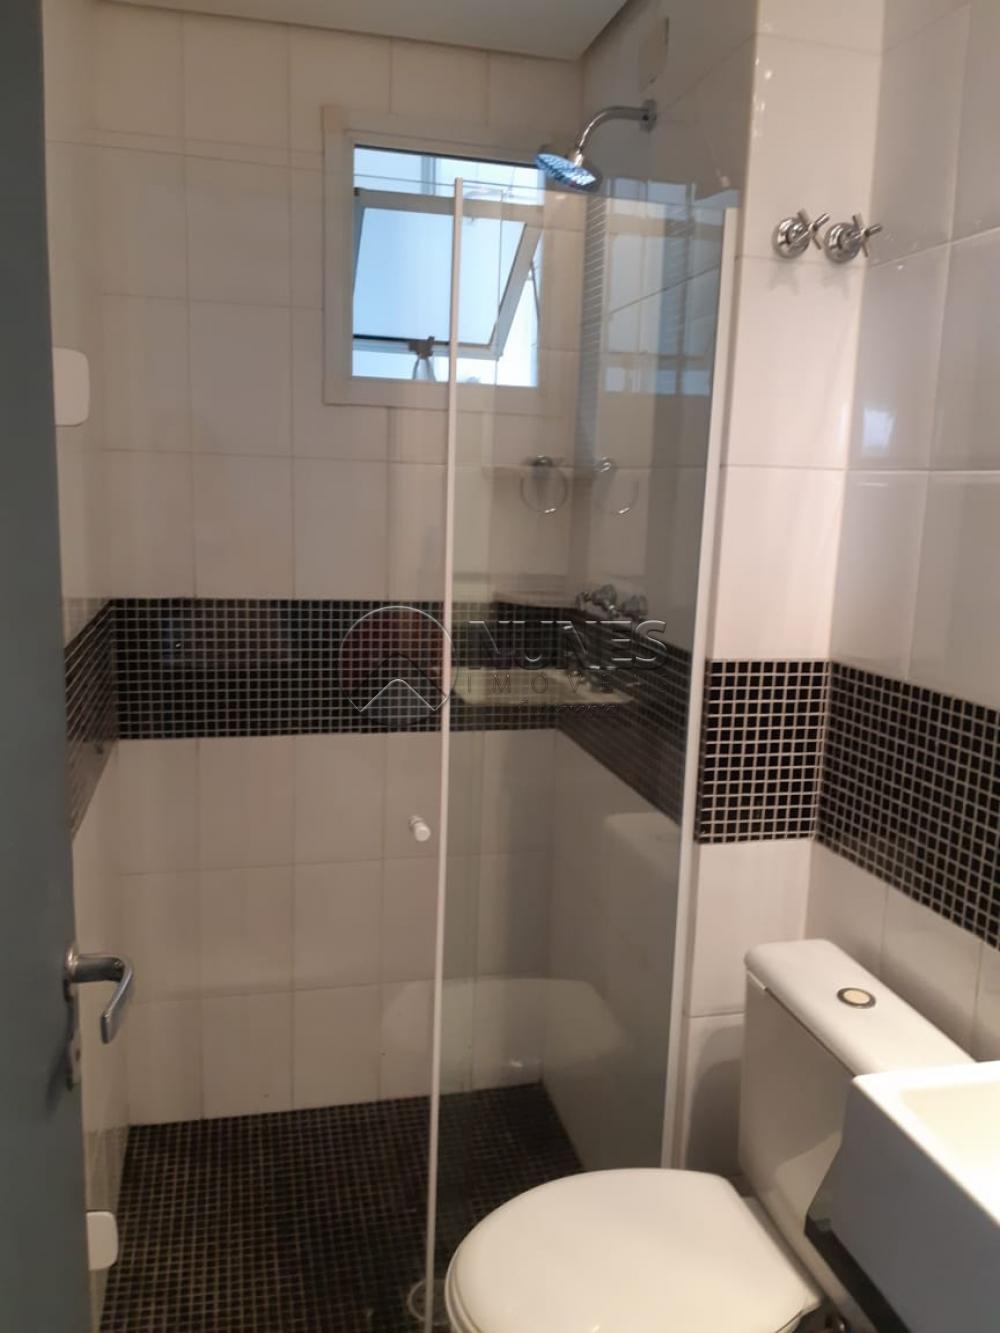 Comprar Apartamento / Padrão em São Paulo apenas R$ 550.000,00 - Foto 16